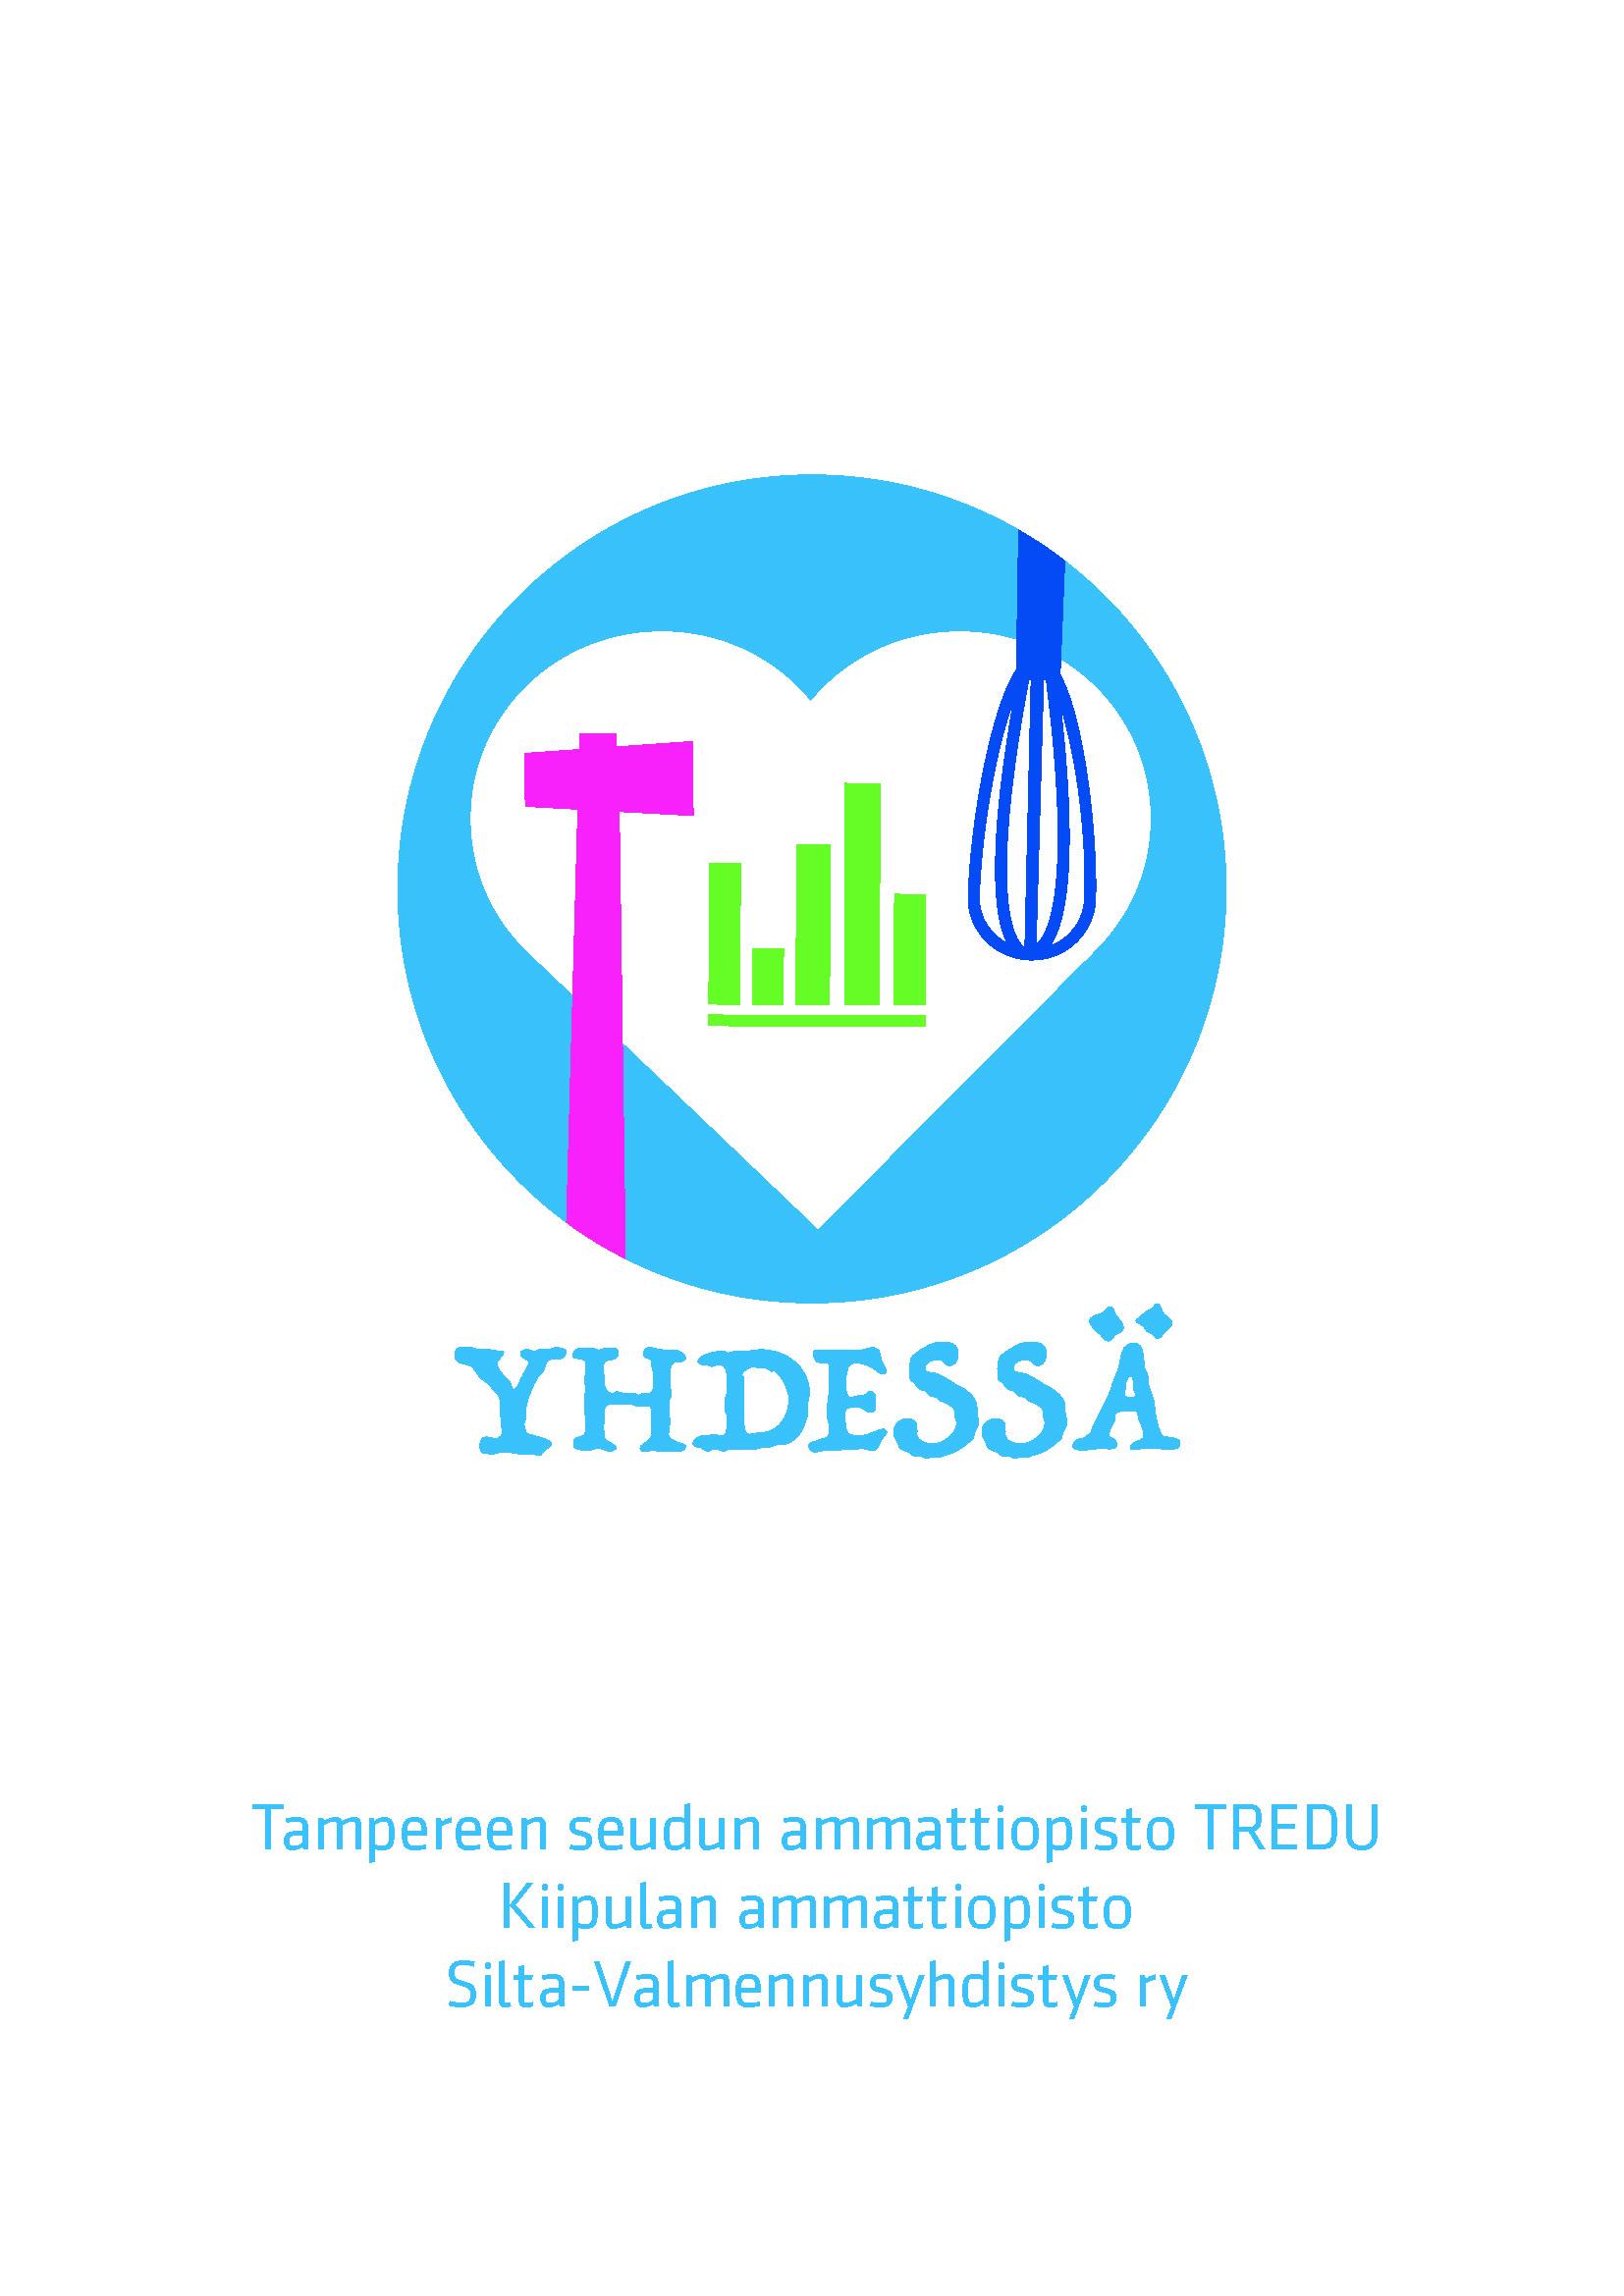 Opetus 365 Tampere